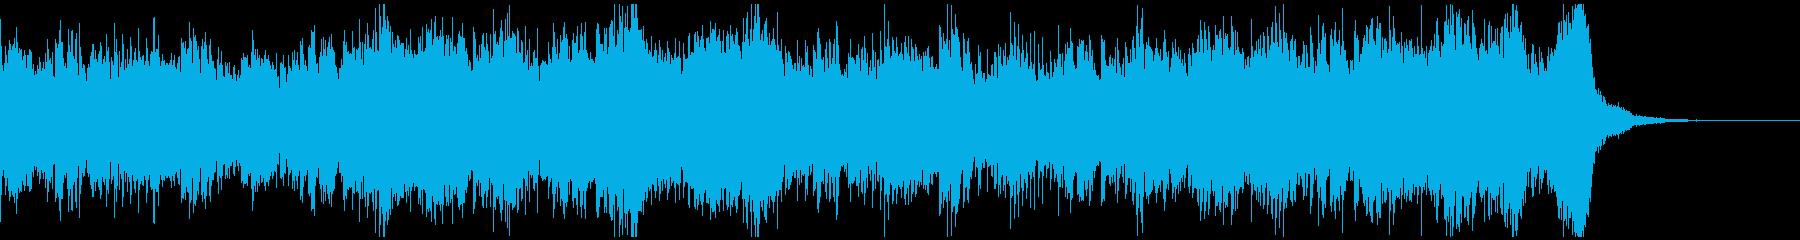 何か恐ろしいものが存在する空気感ホラーSの再生済みの波形